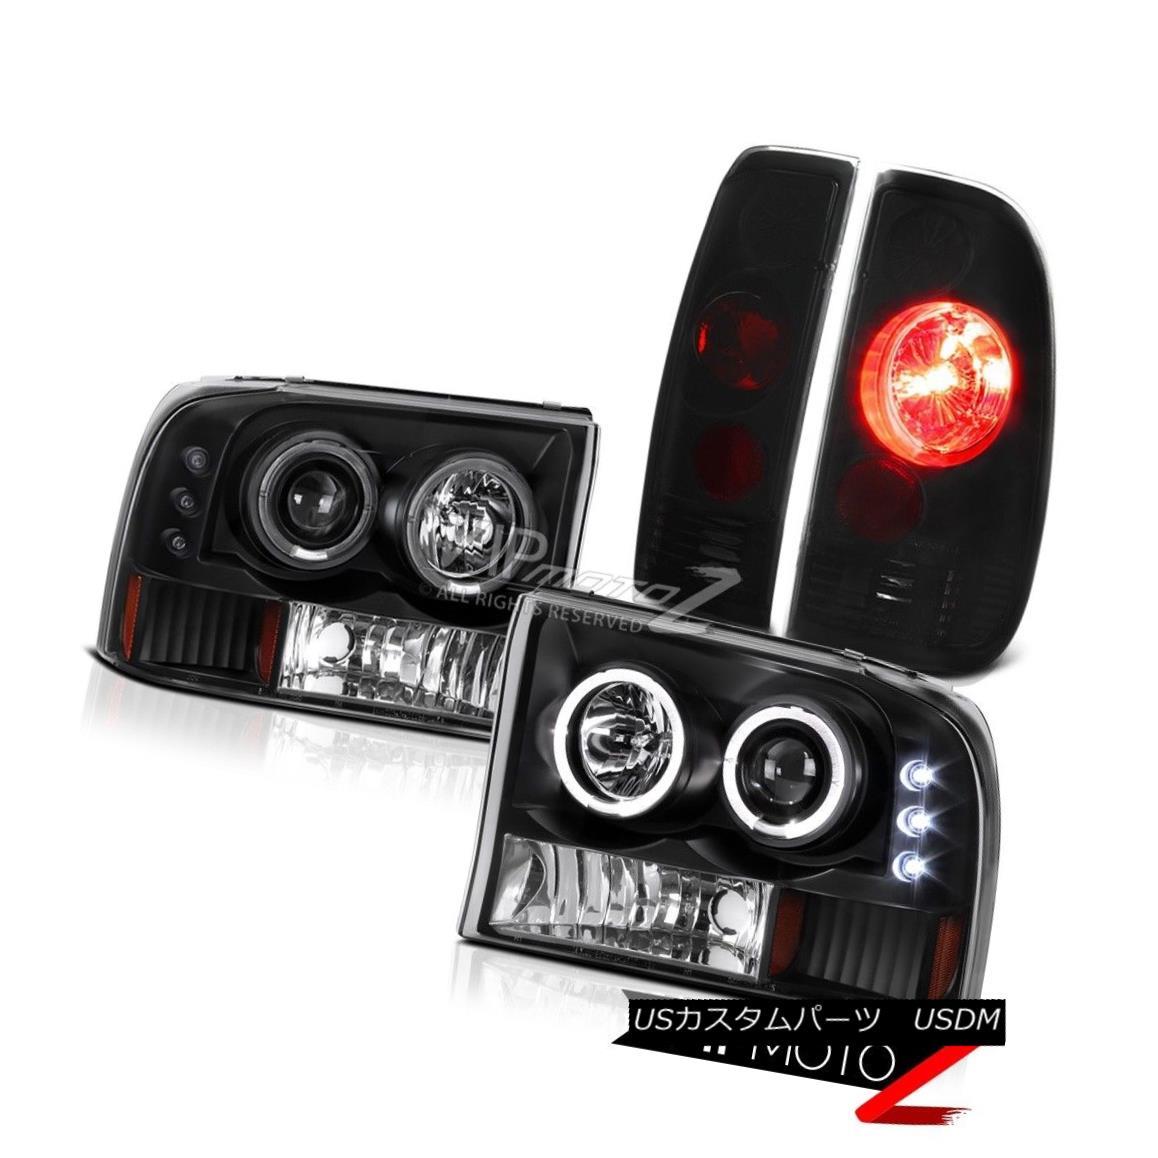 ヘッドライト 1999-2004 F250 F350 SuperDuty SD Black Halo LED Projector Headlights+Tail Lights 1999-2004 F250 F350 SuperDuty SDブラックハローLEDプロジェクターヘッドライト+タイ lライト